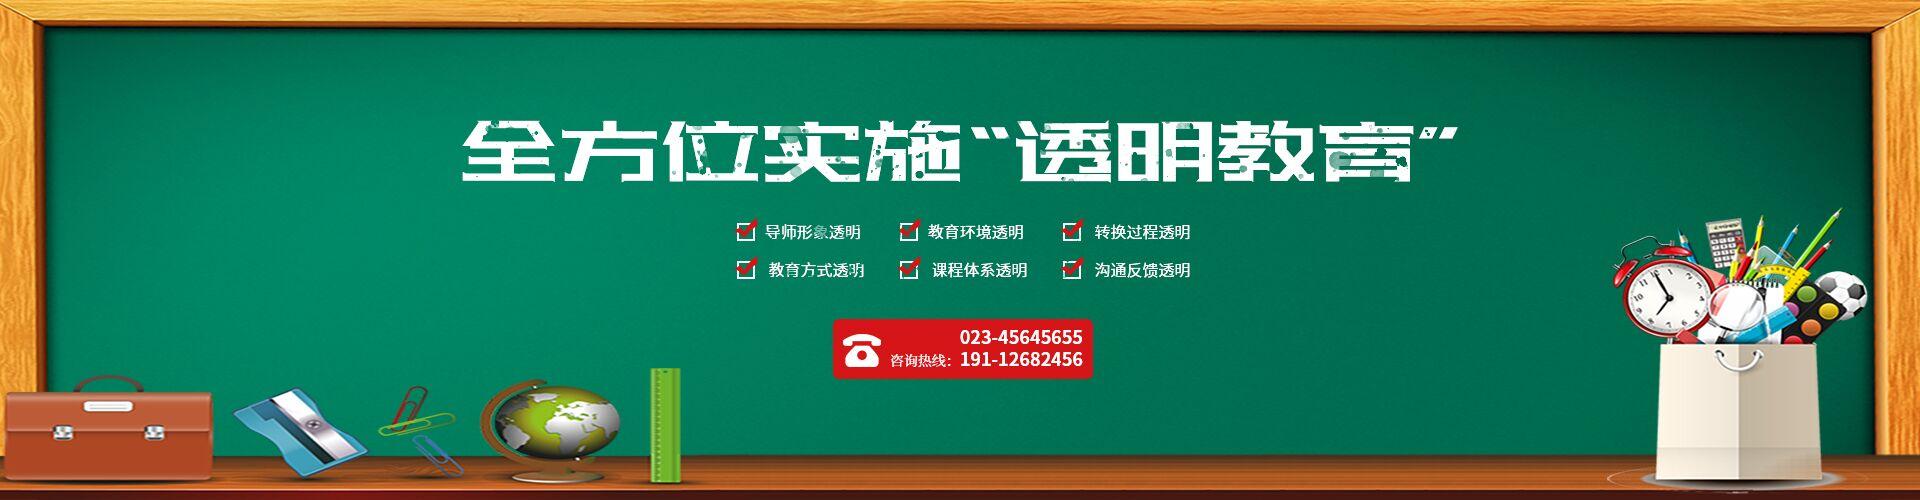 白领尔(重庆)家庭教育服务有限责任公司